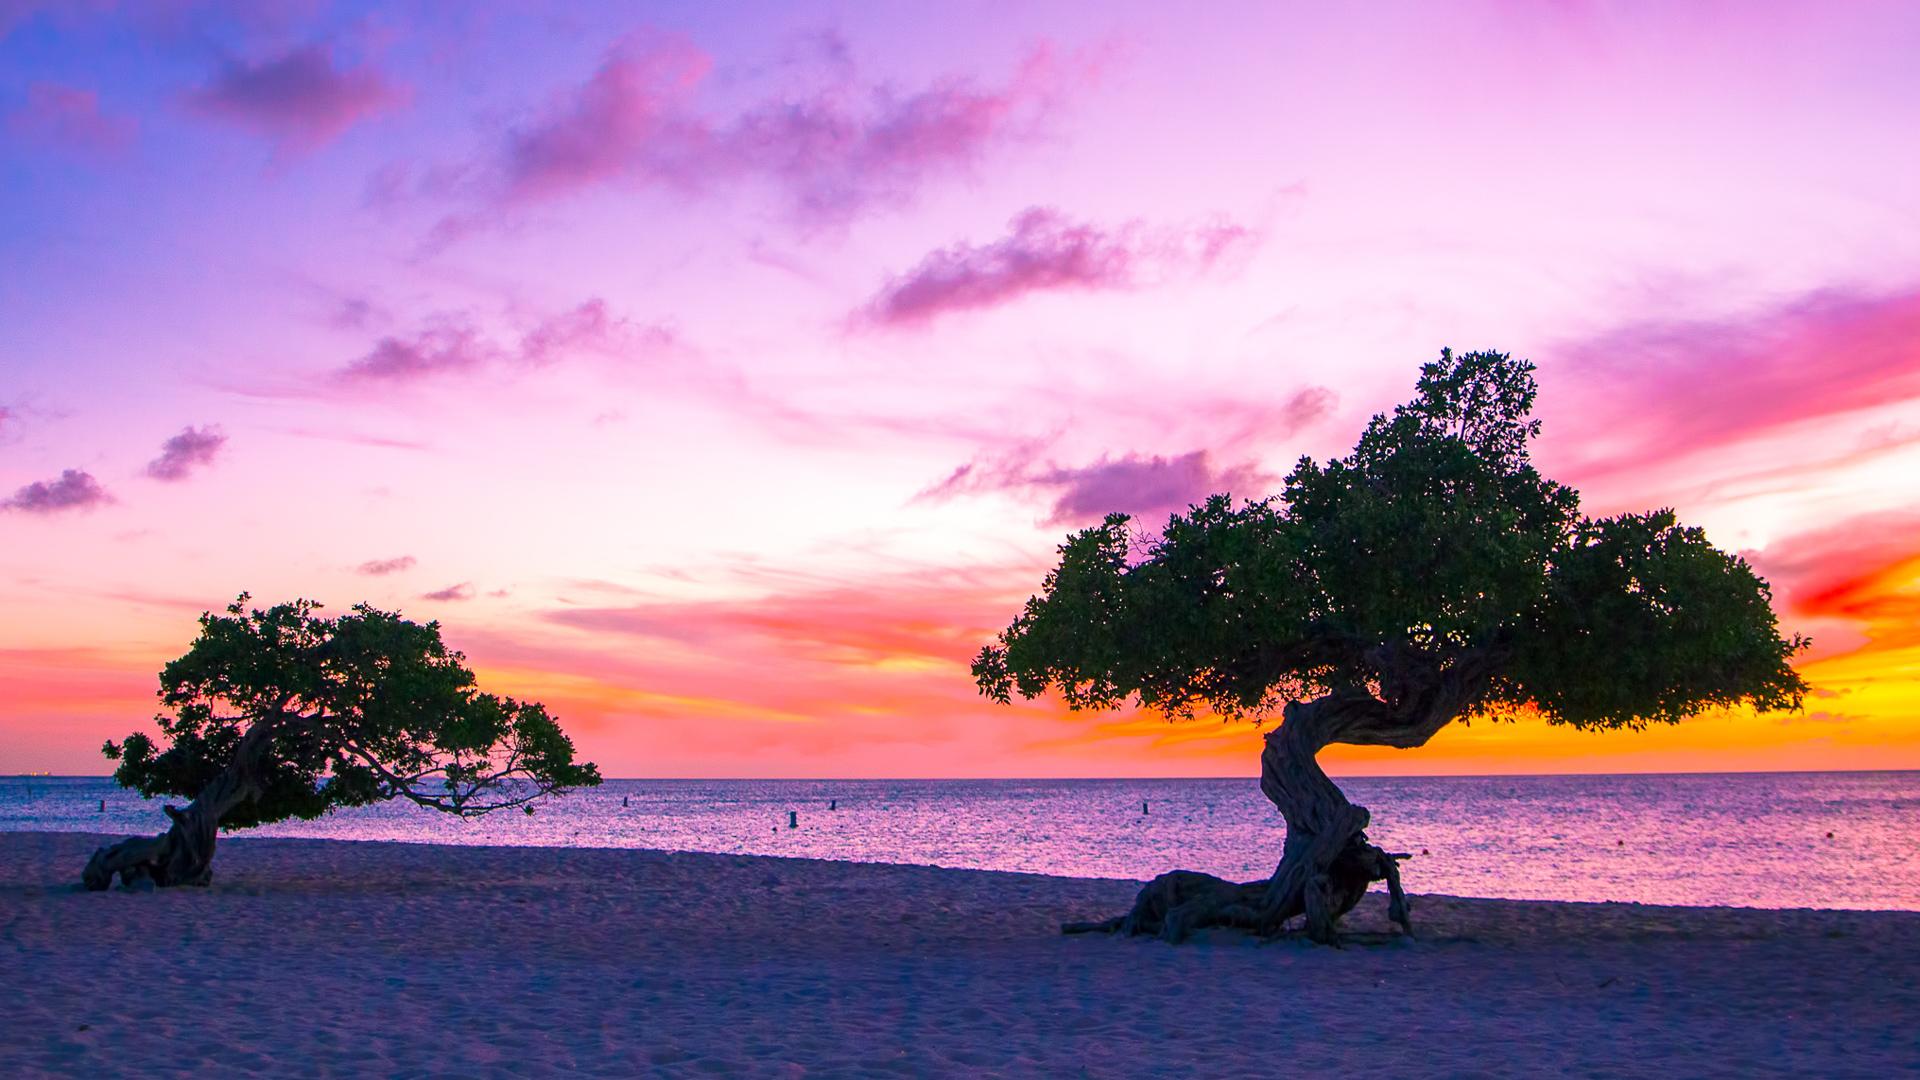 sunset in Aruba on the beach